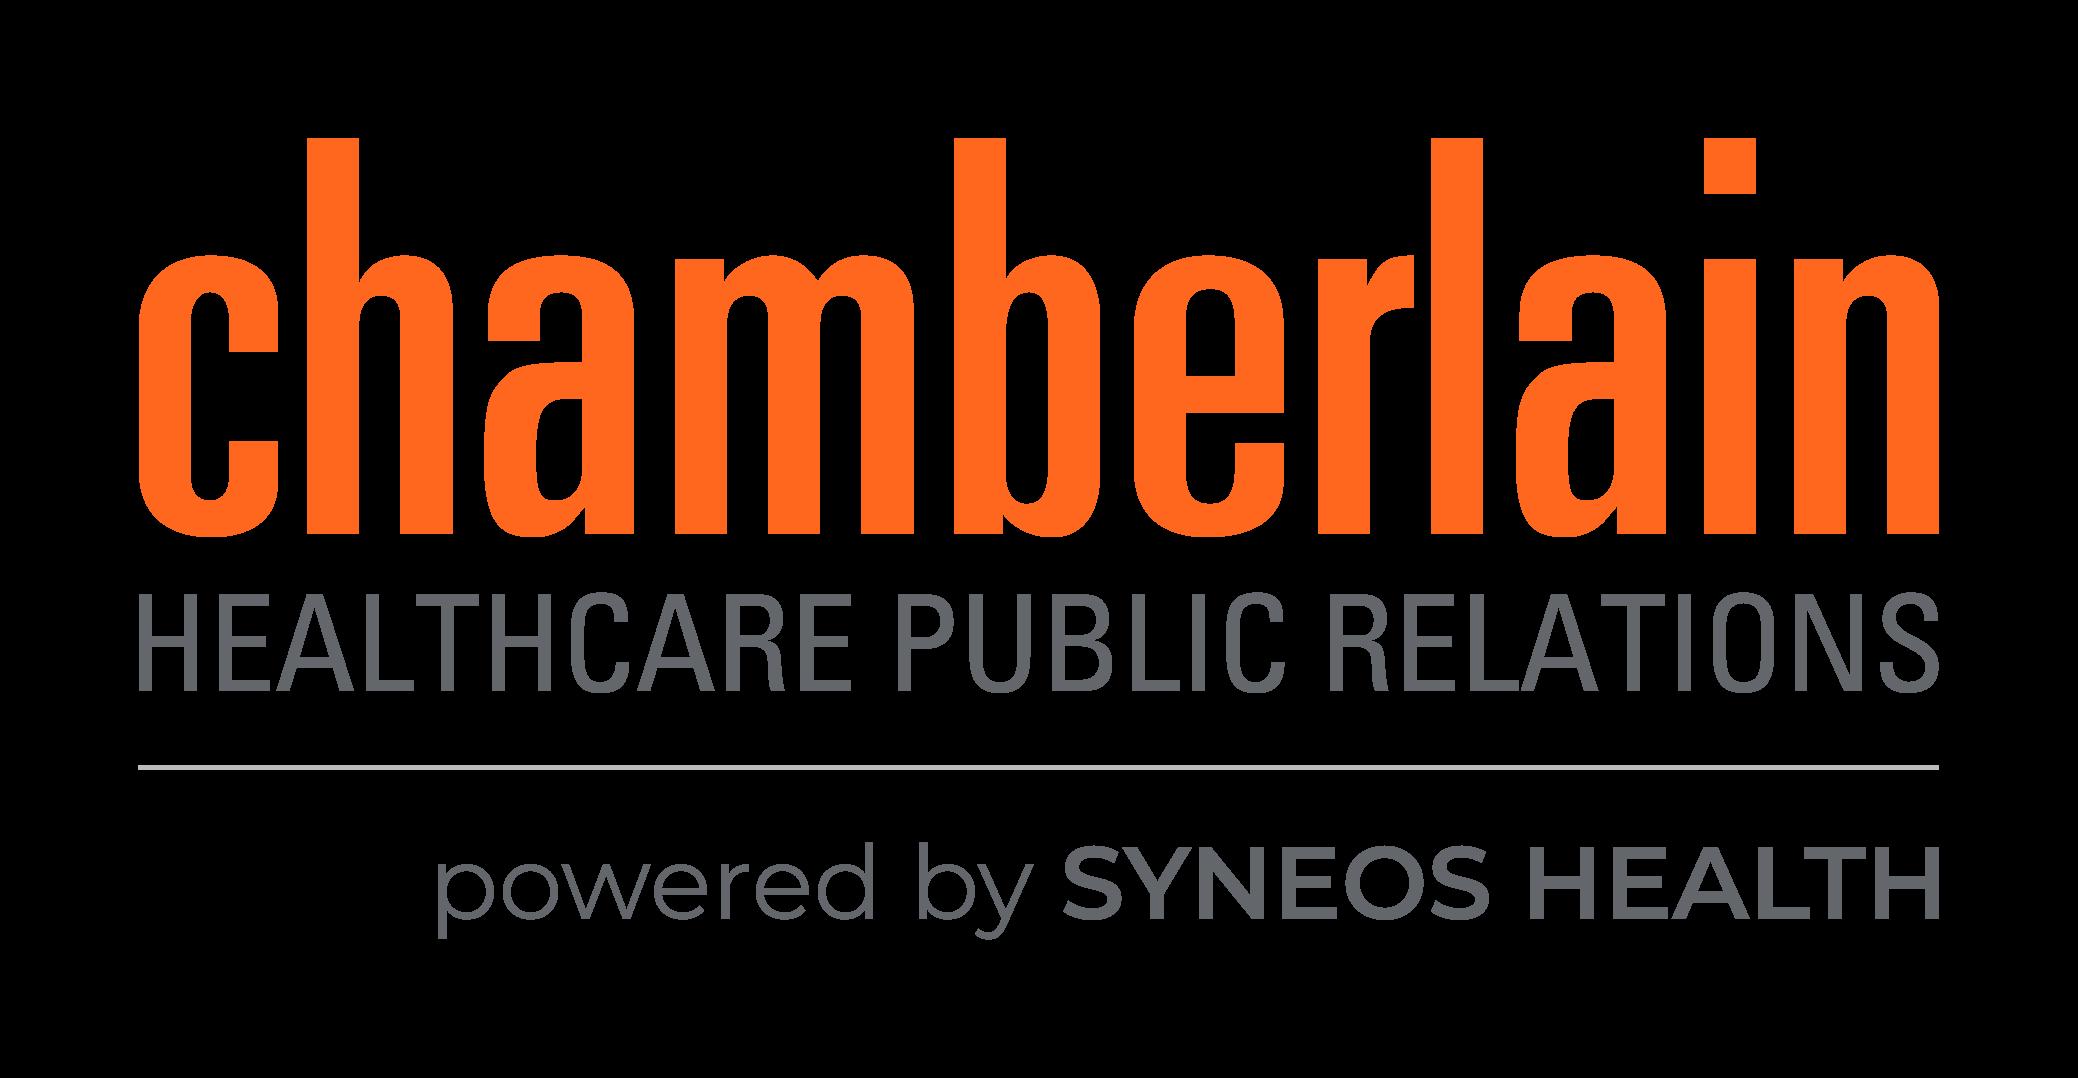 Chamberlain Healthcare PR logo